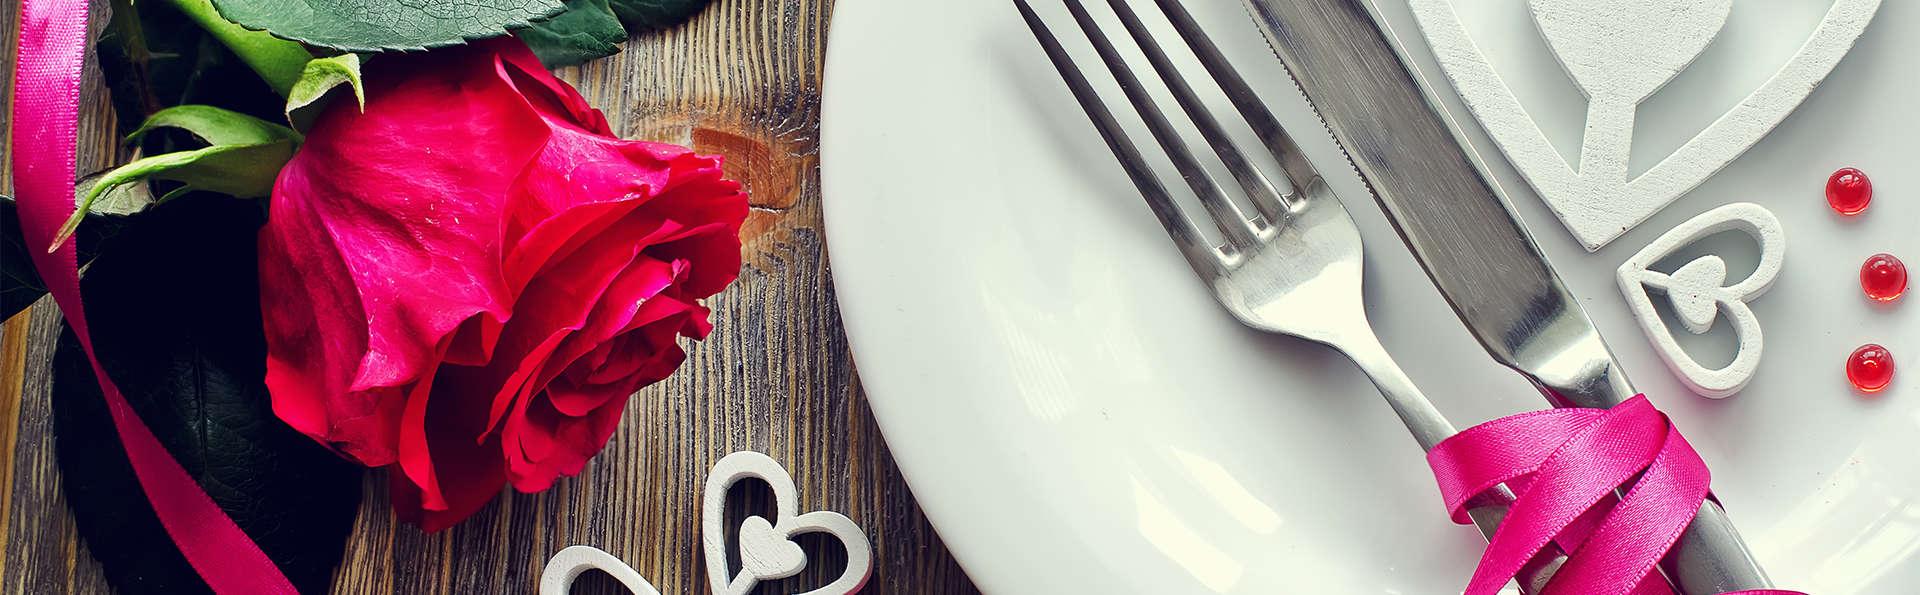 Week-end romantique avec dîner dans un ancien village de Toscane